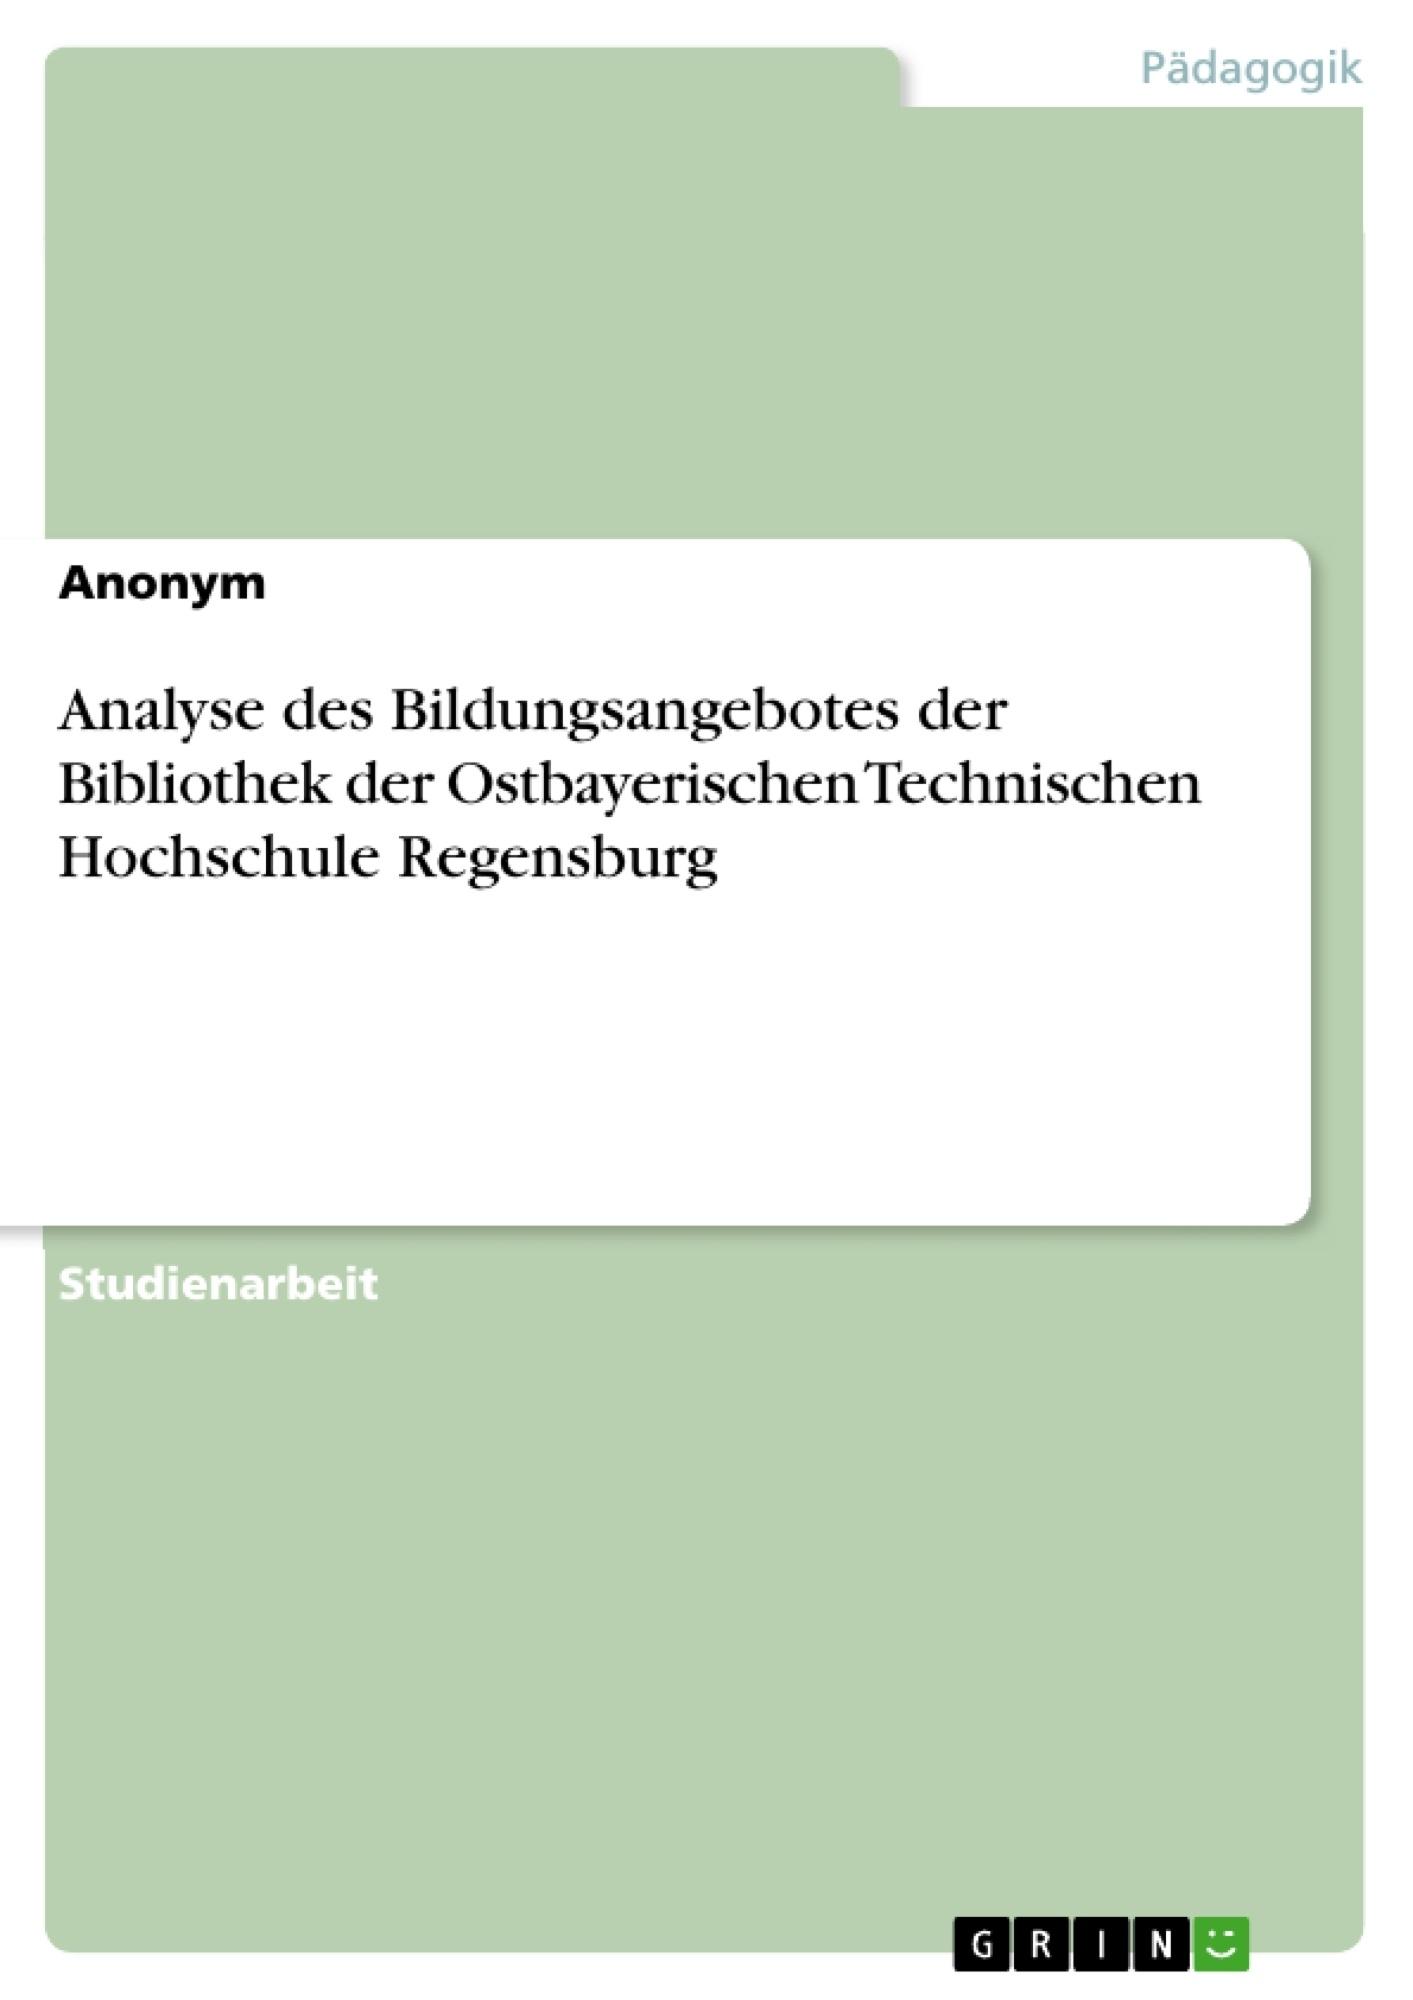 Titel: Analyse des Bildungsangebotes der Bibliothek der Ostbayerischen Technischen Hochschule Regensburg